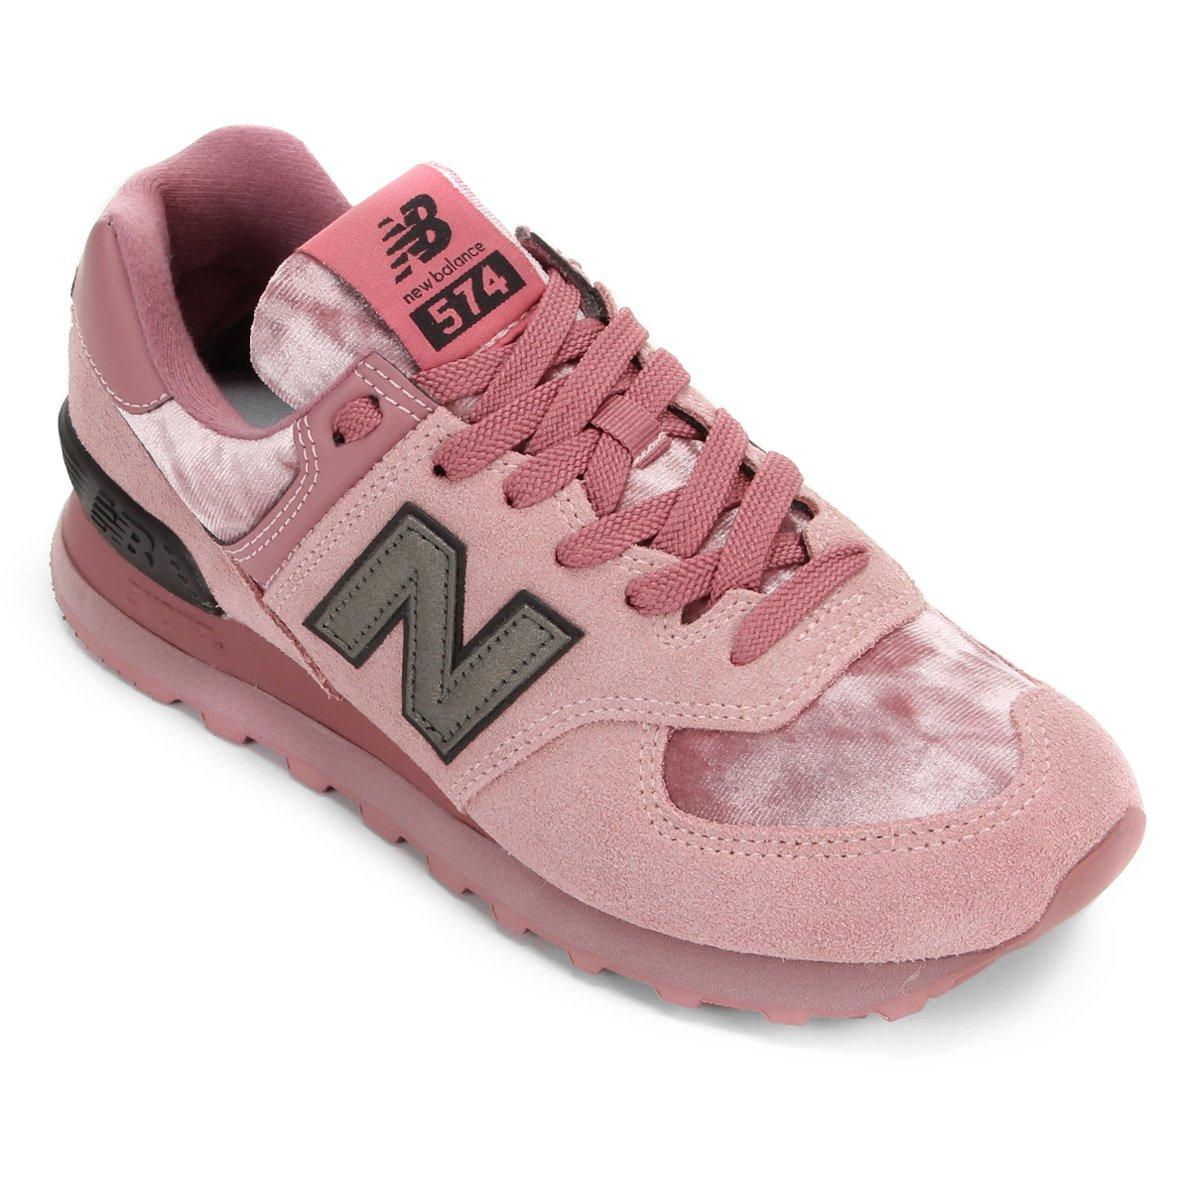 new balance rosa com verde,sirpizzaky.com